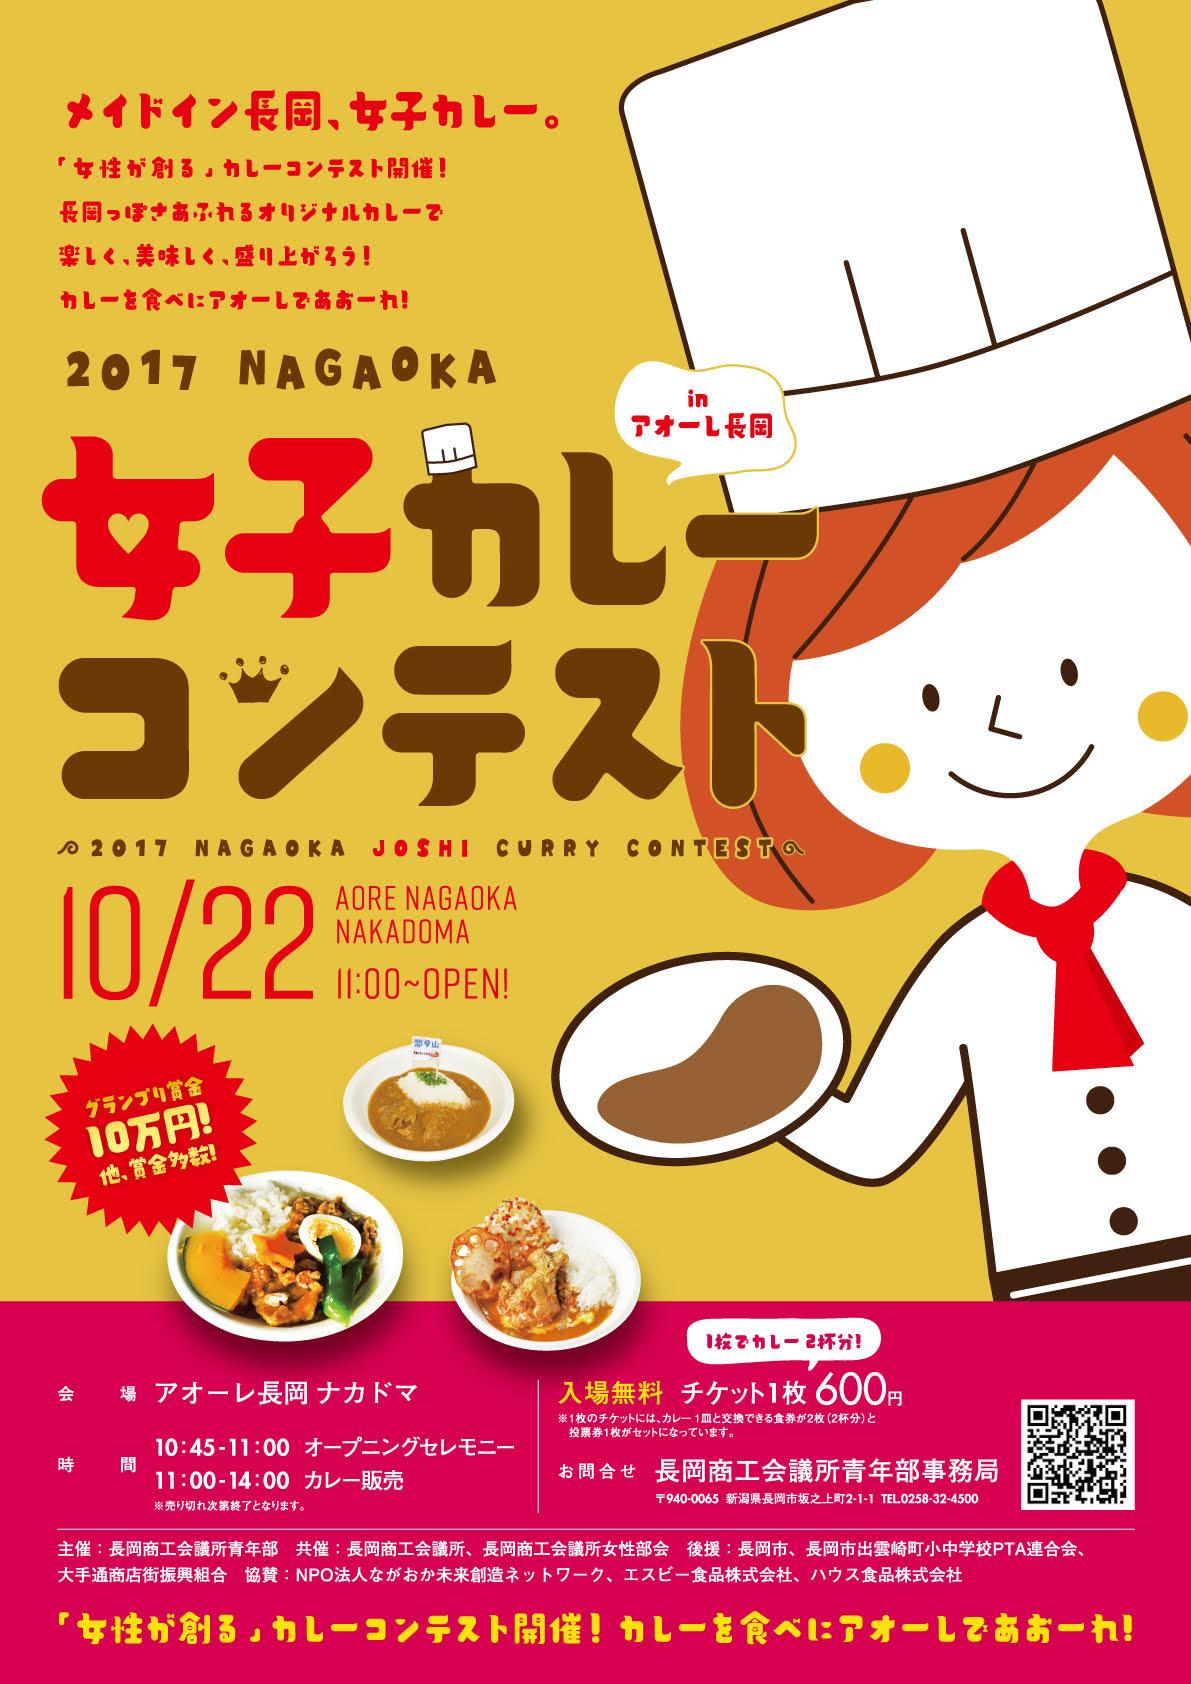 2017 NAGAOKA 女子カレーコンテストポスター